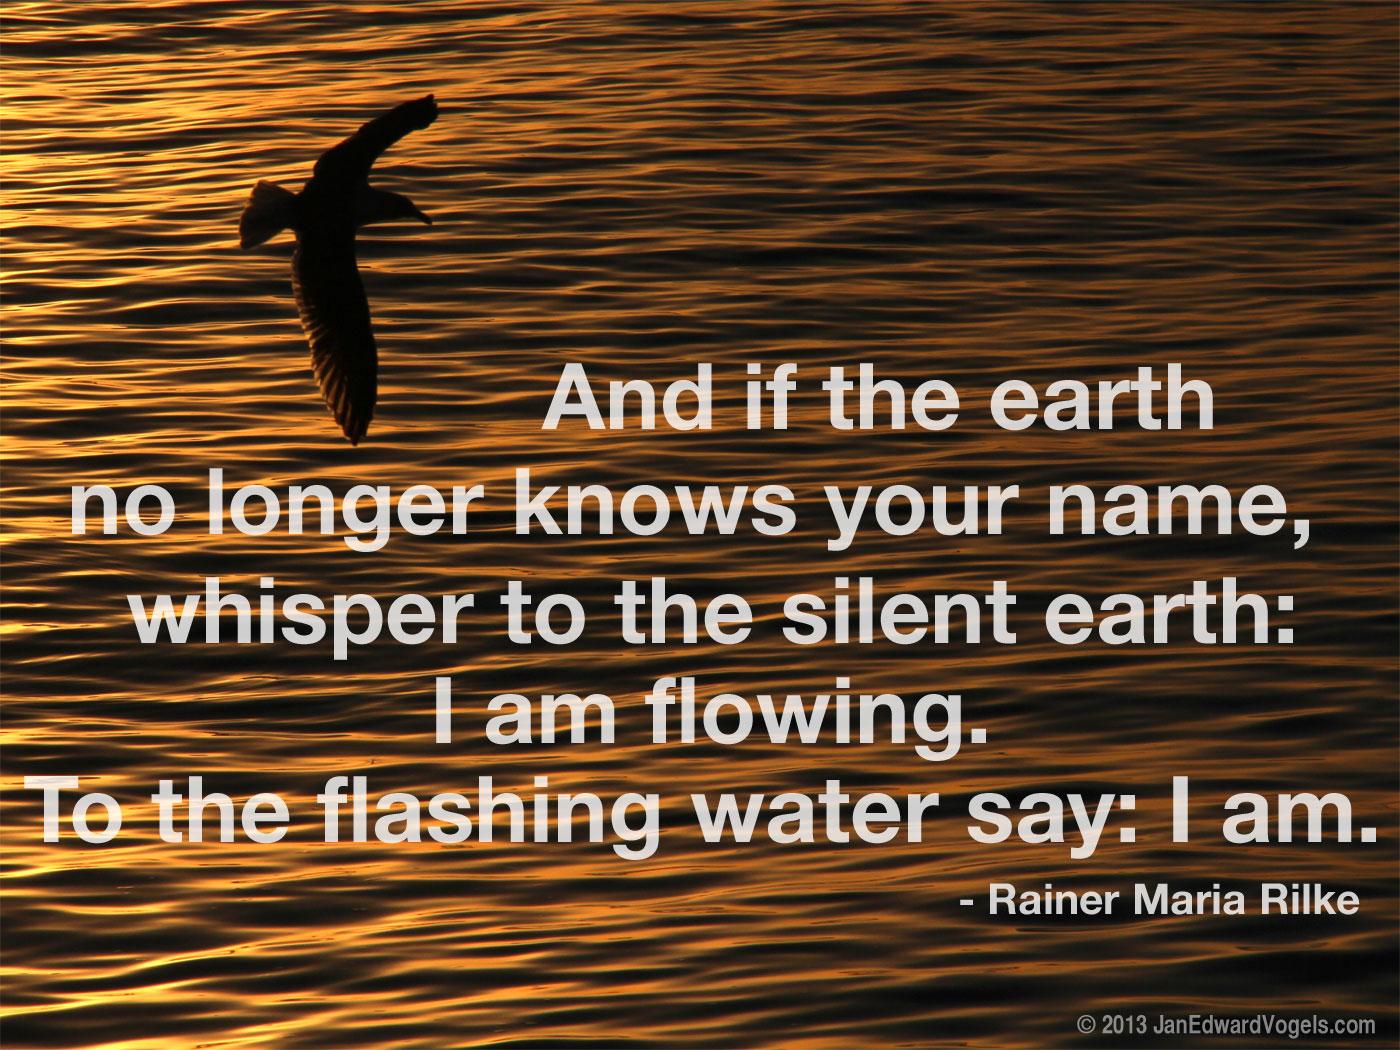 Rainer Maria Rilke, quote